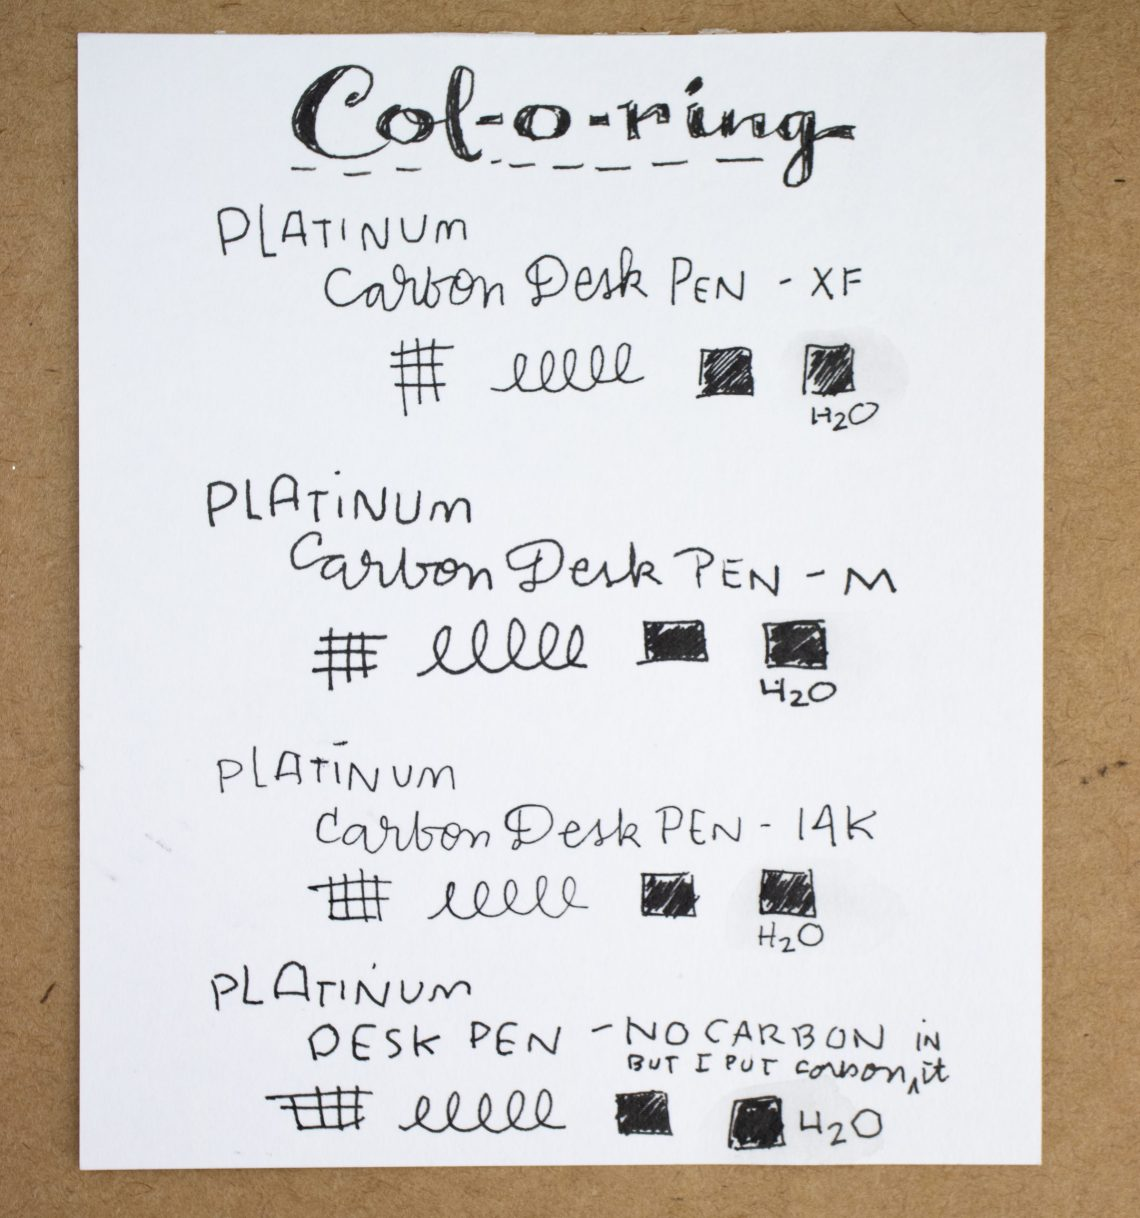 Platinum Carbon Desk Pen